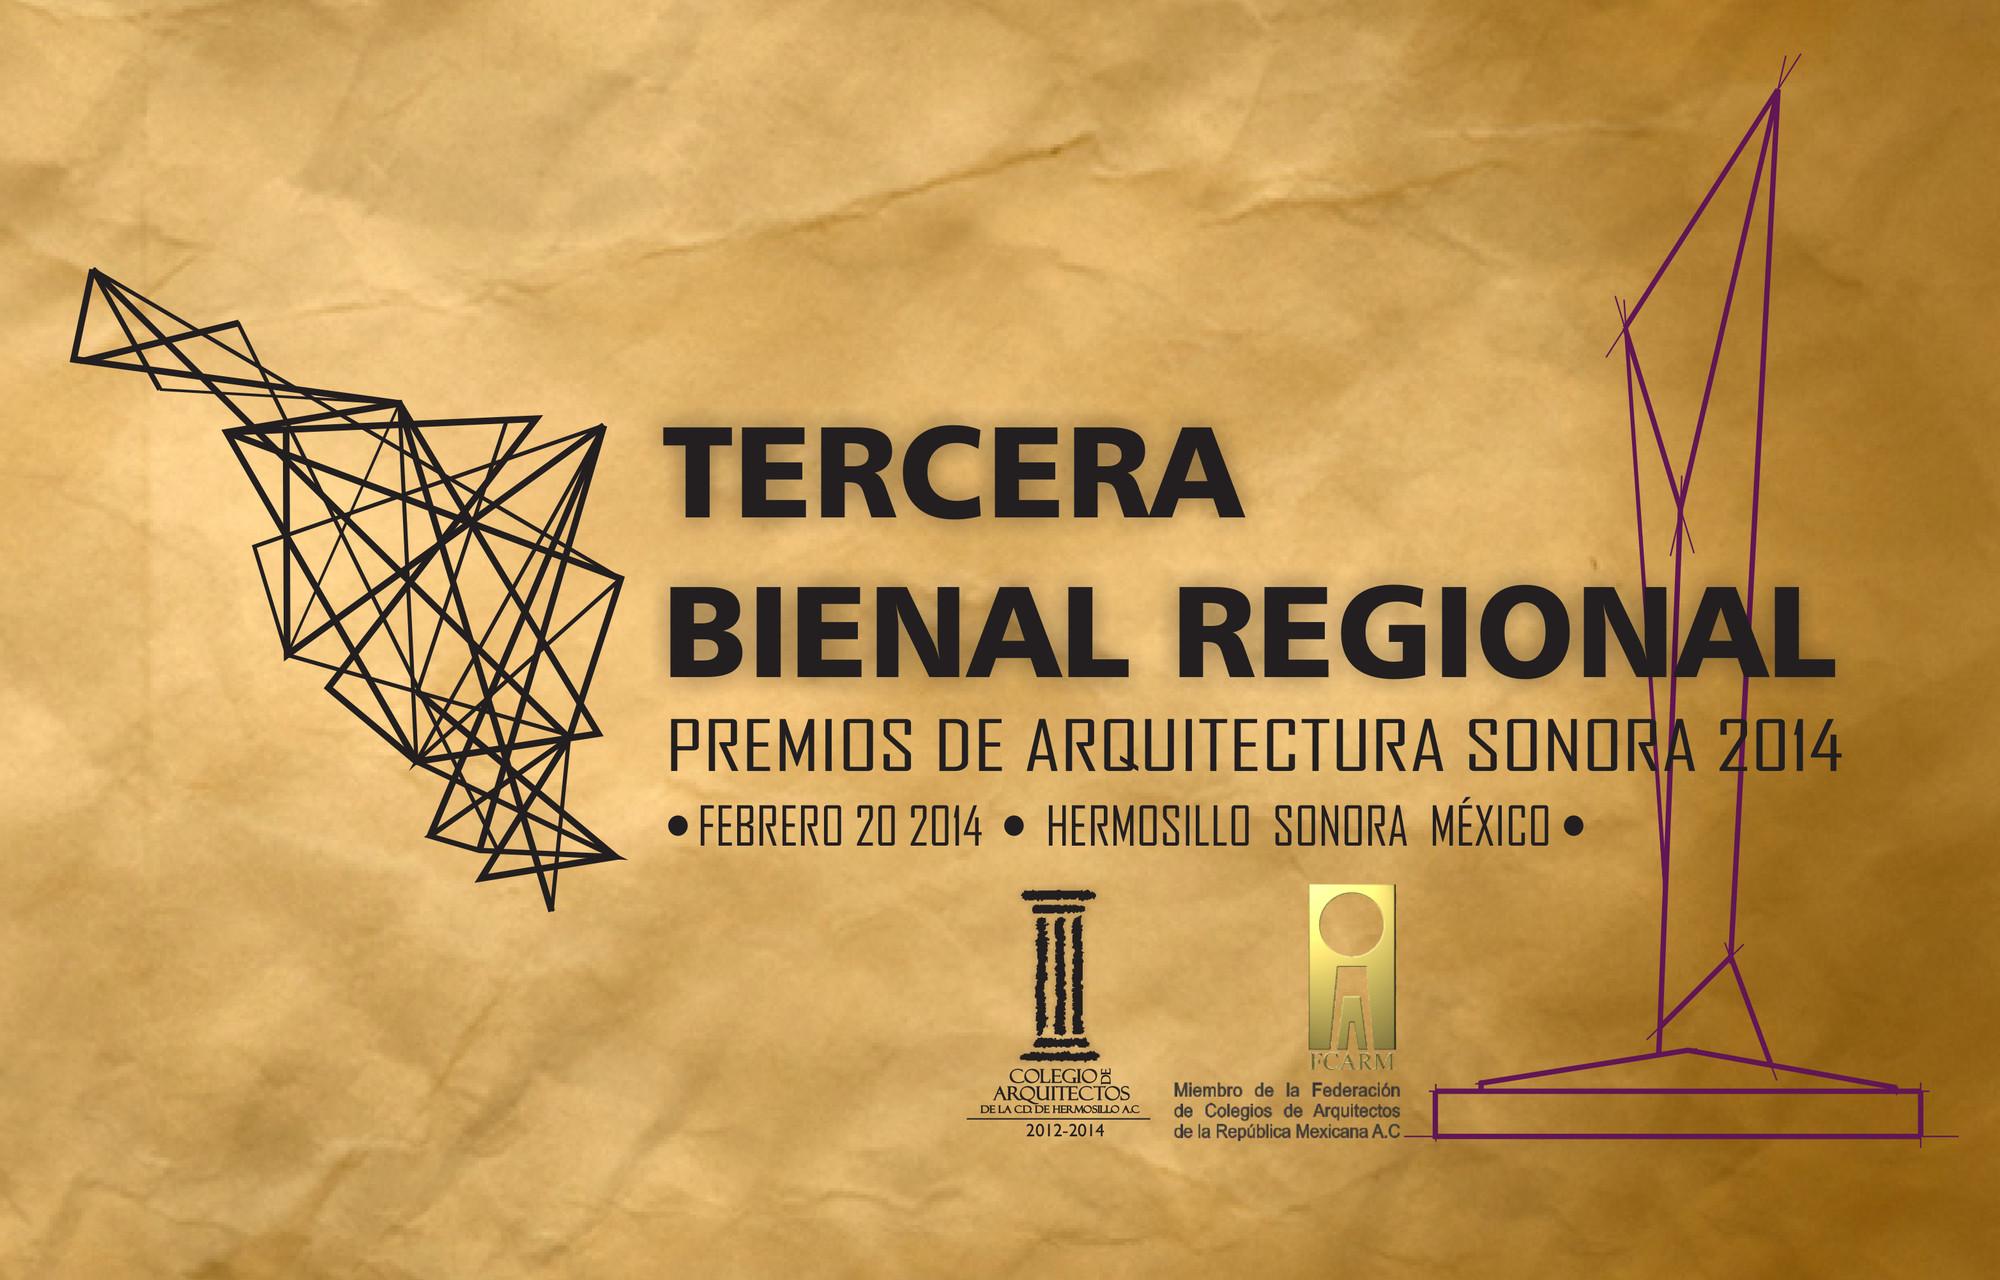 Tercera Bienal Regional / Premios de Arquitectura de Sonora 2014